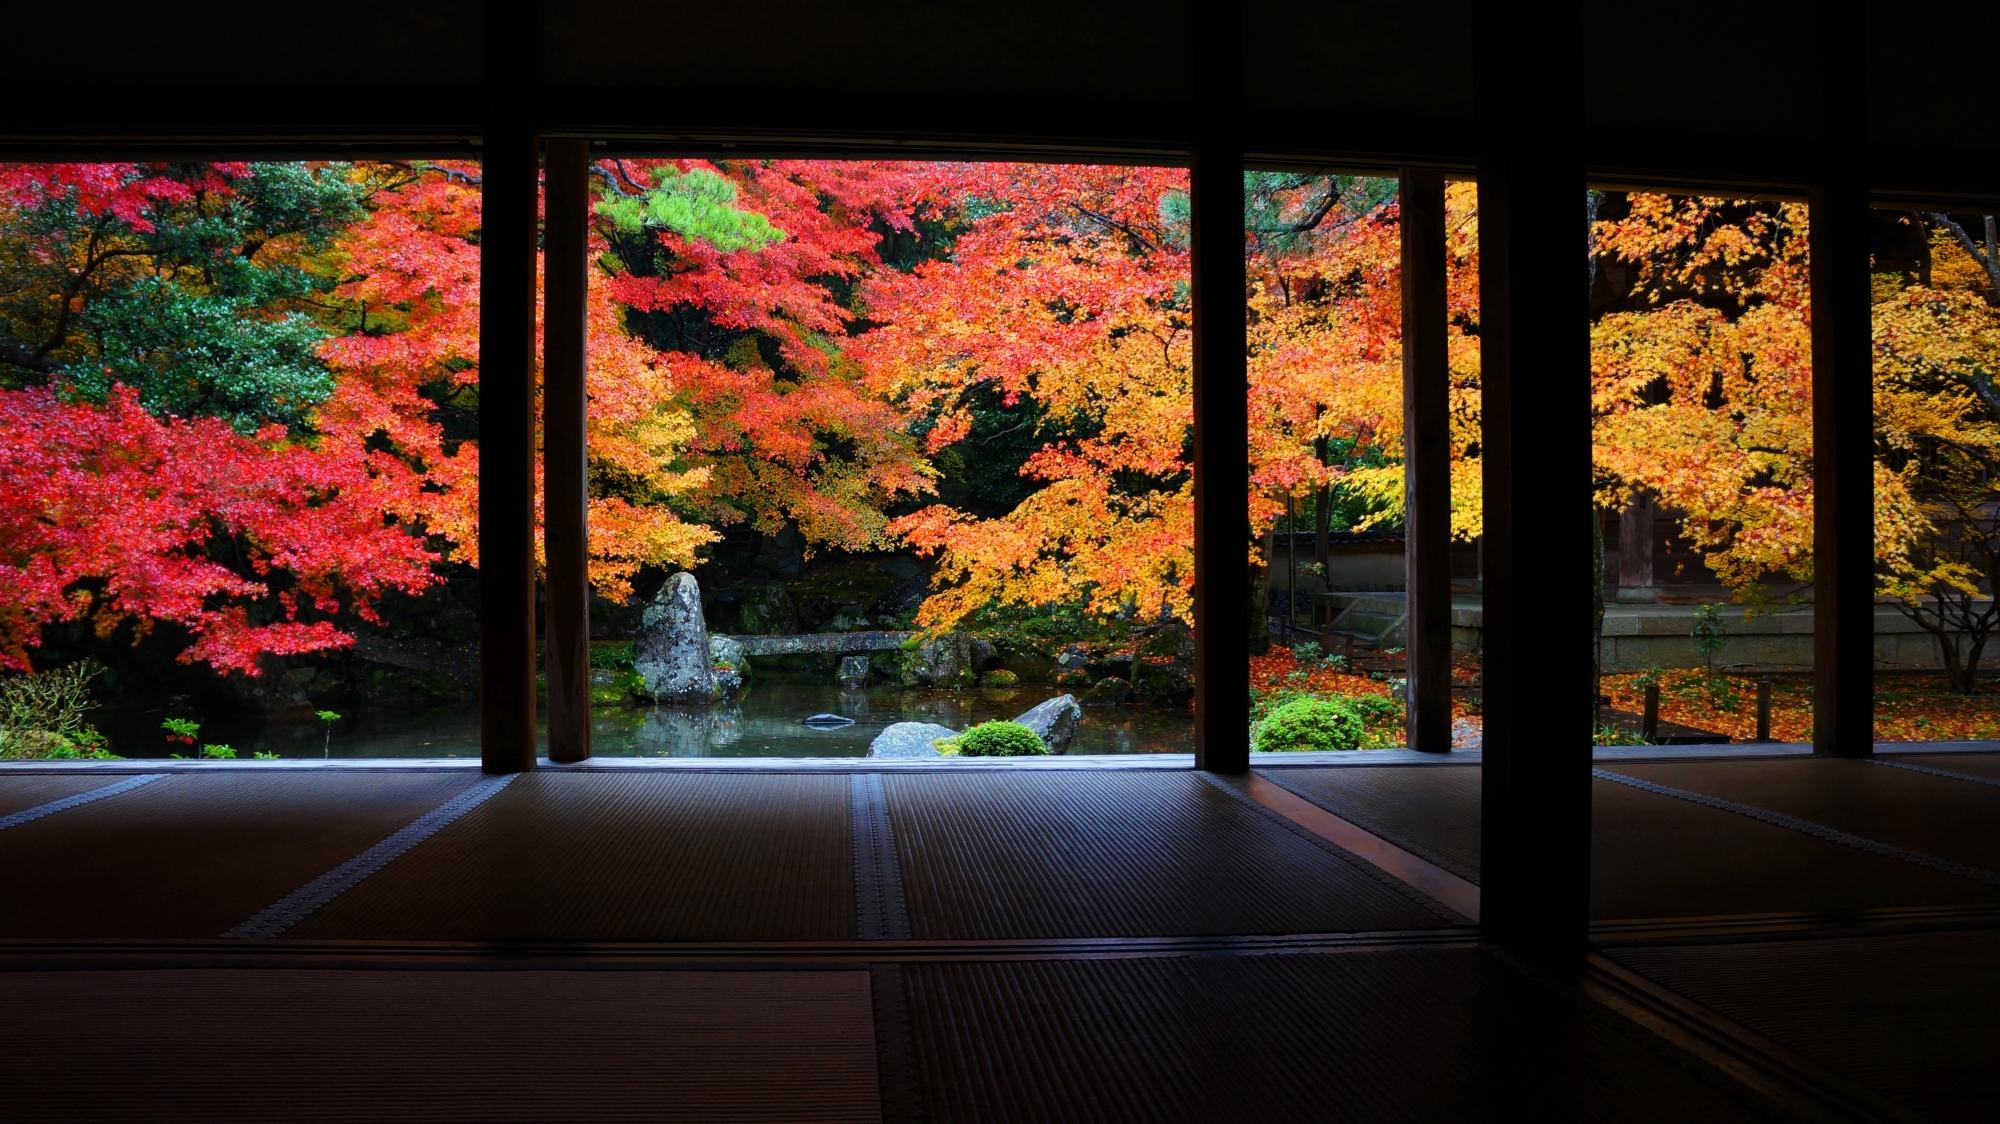 蓮華寺の紅葉に彩られた額縁の池泉式庭園